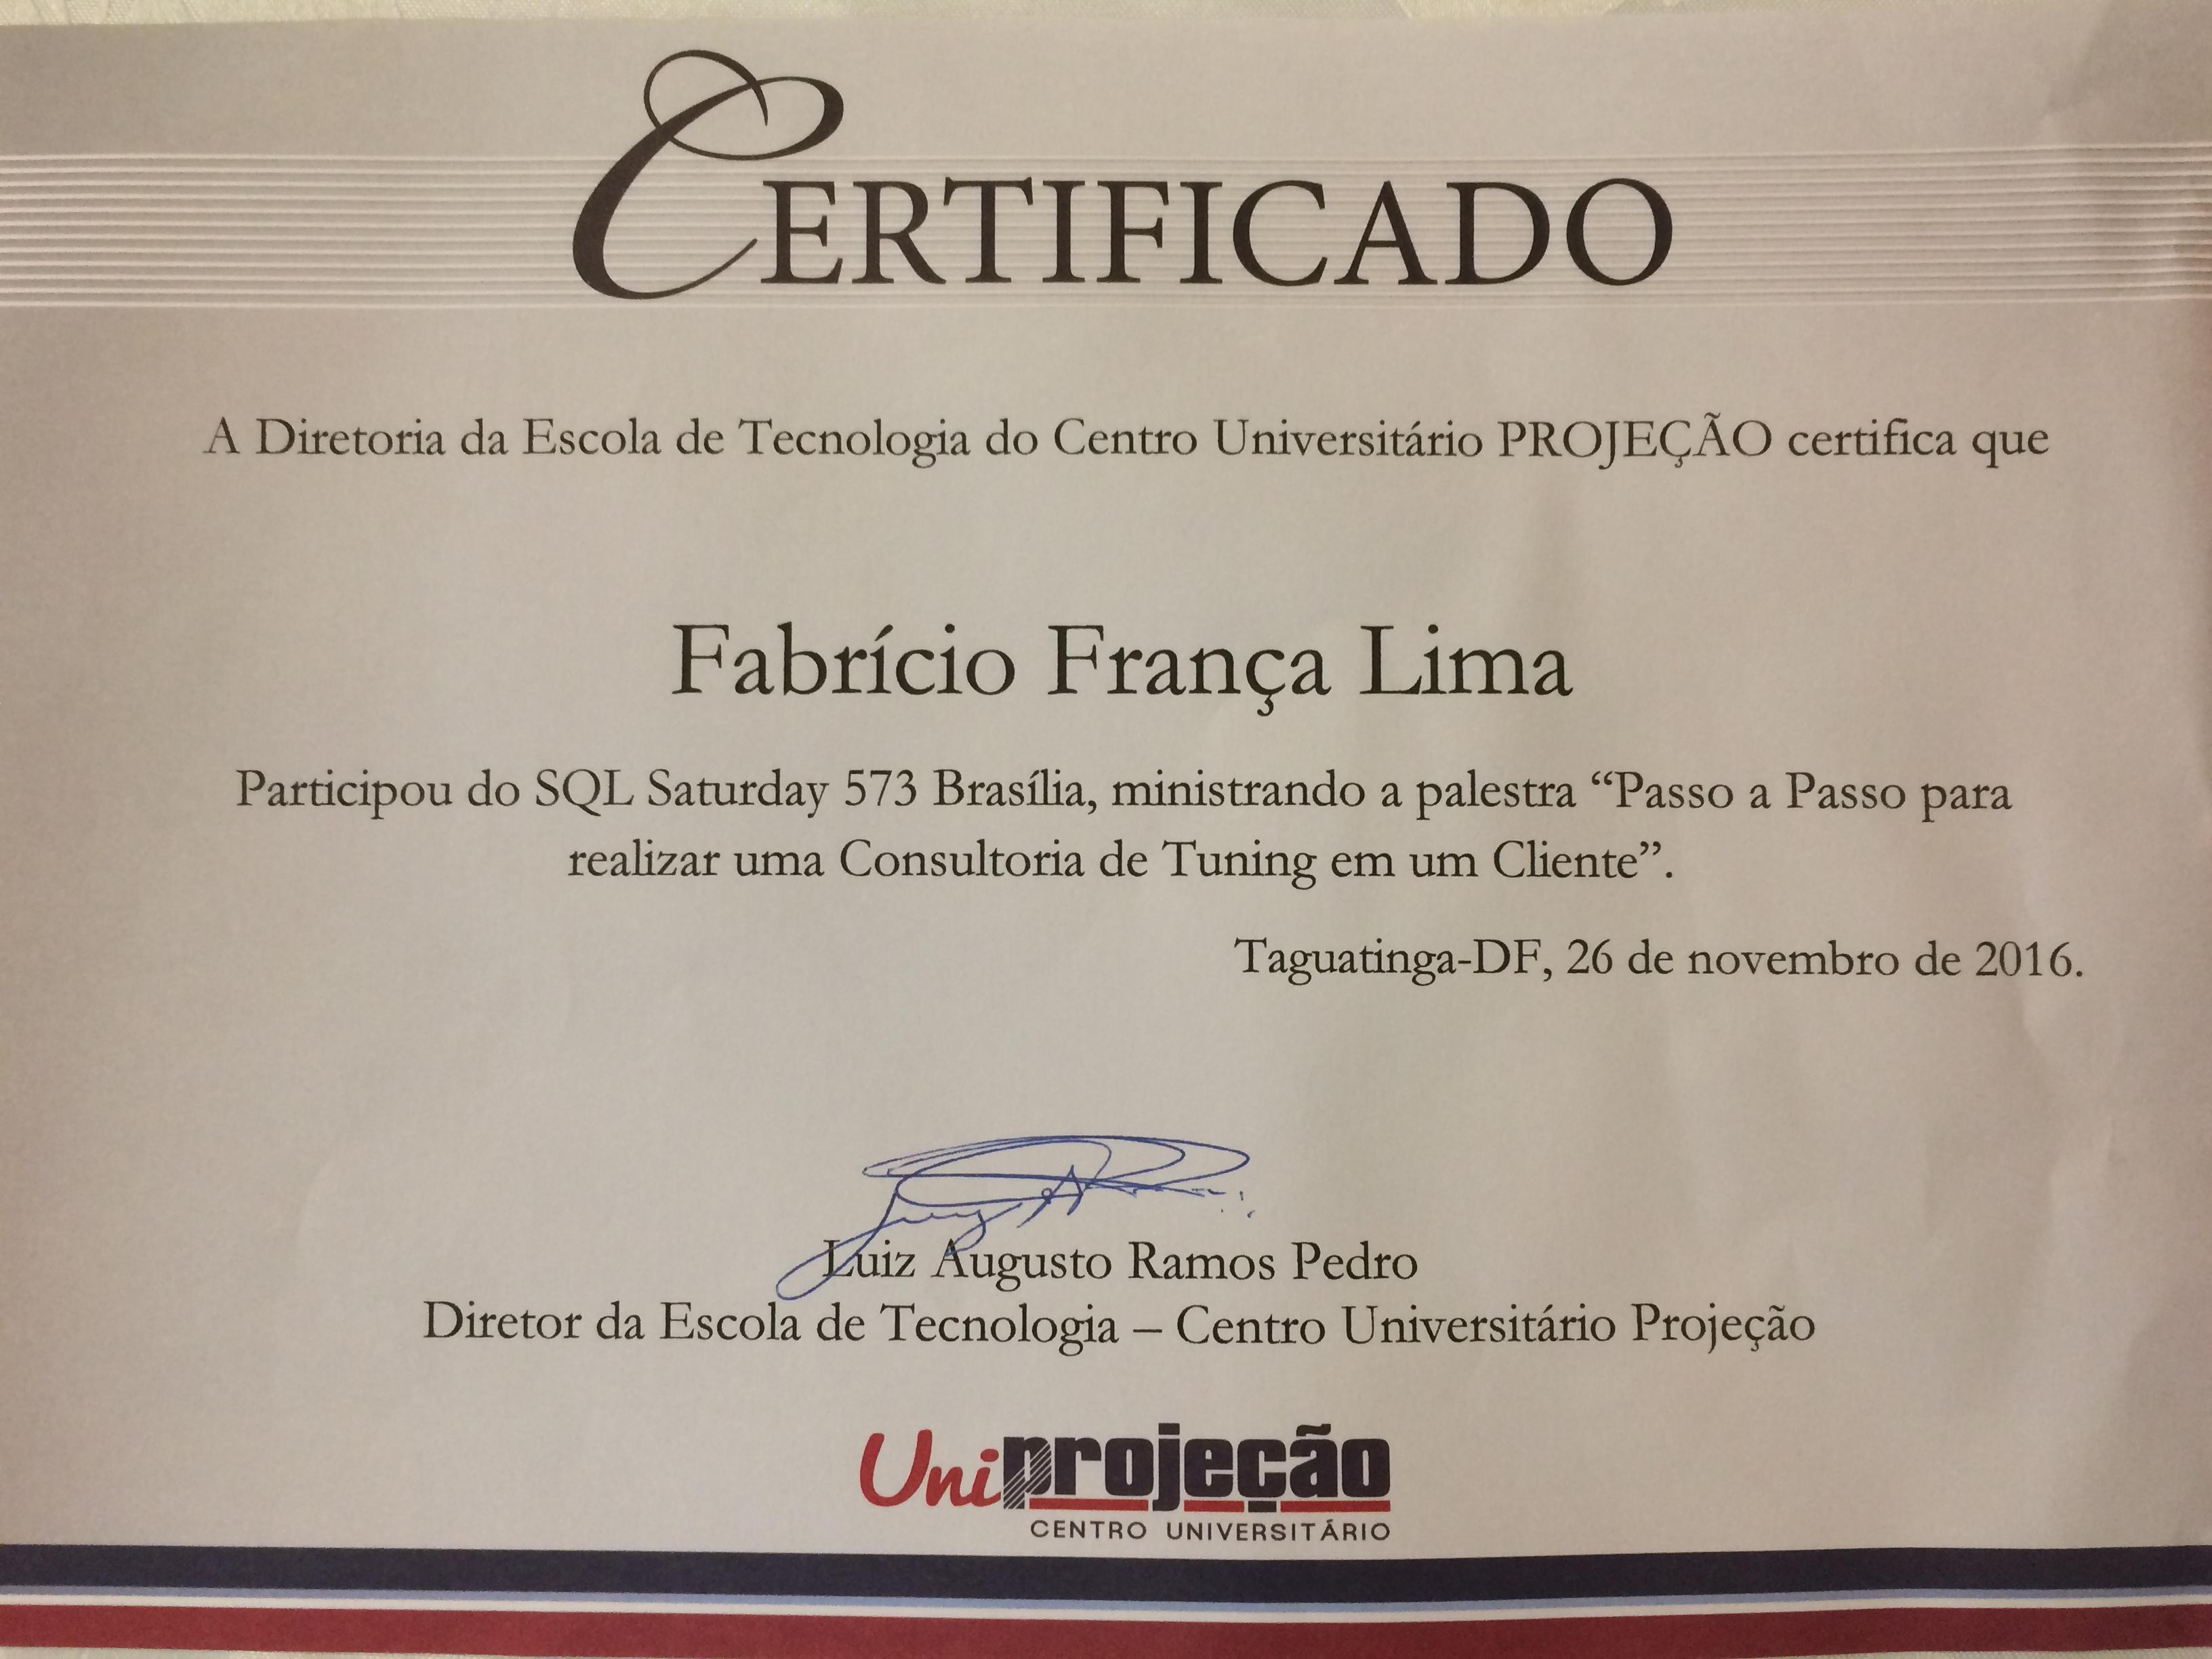 sqlsat573-certificado